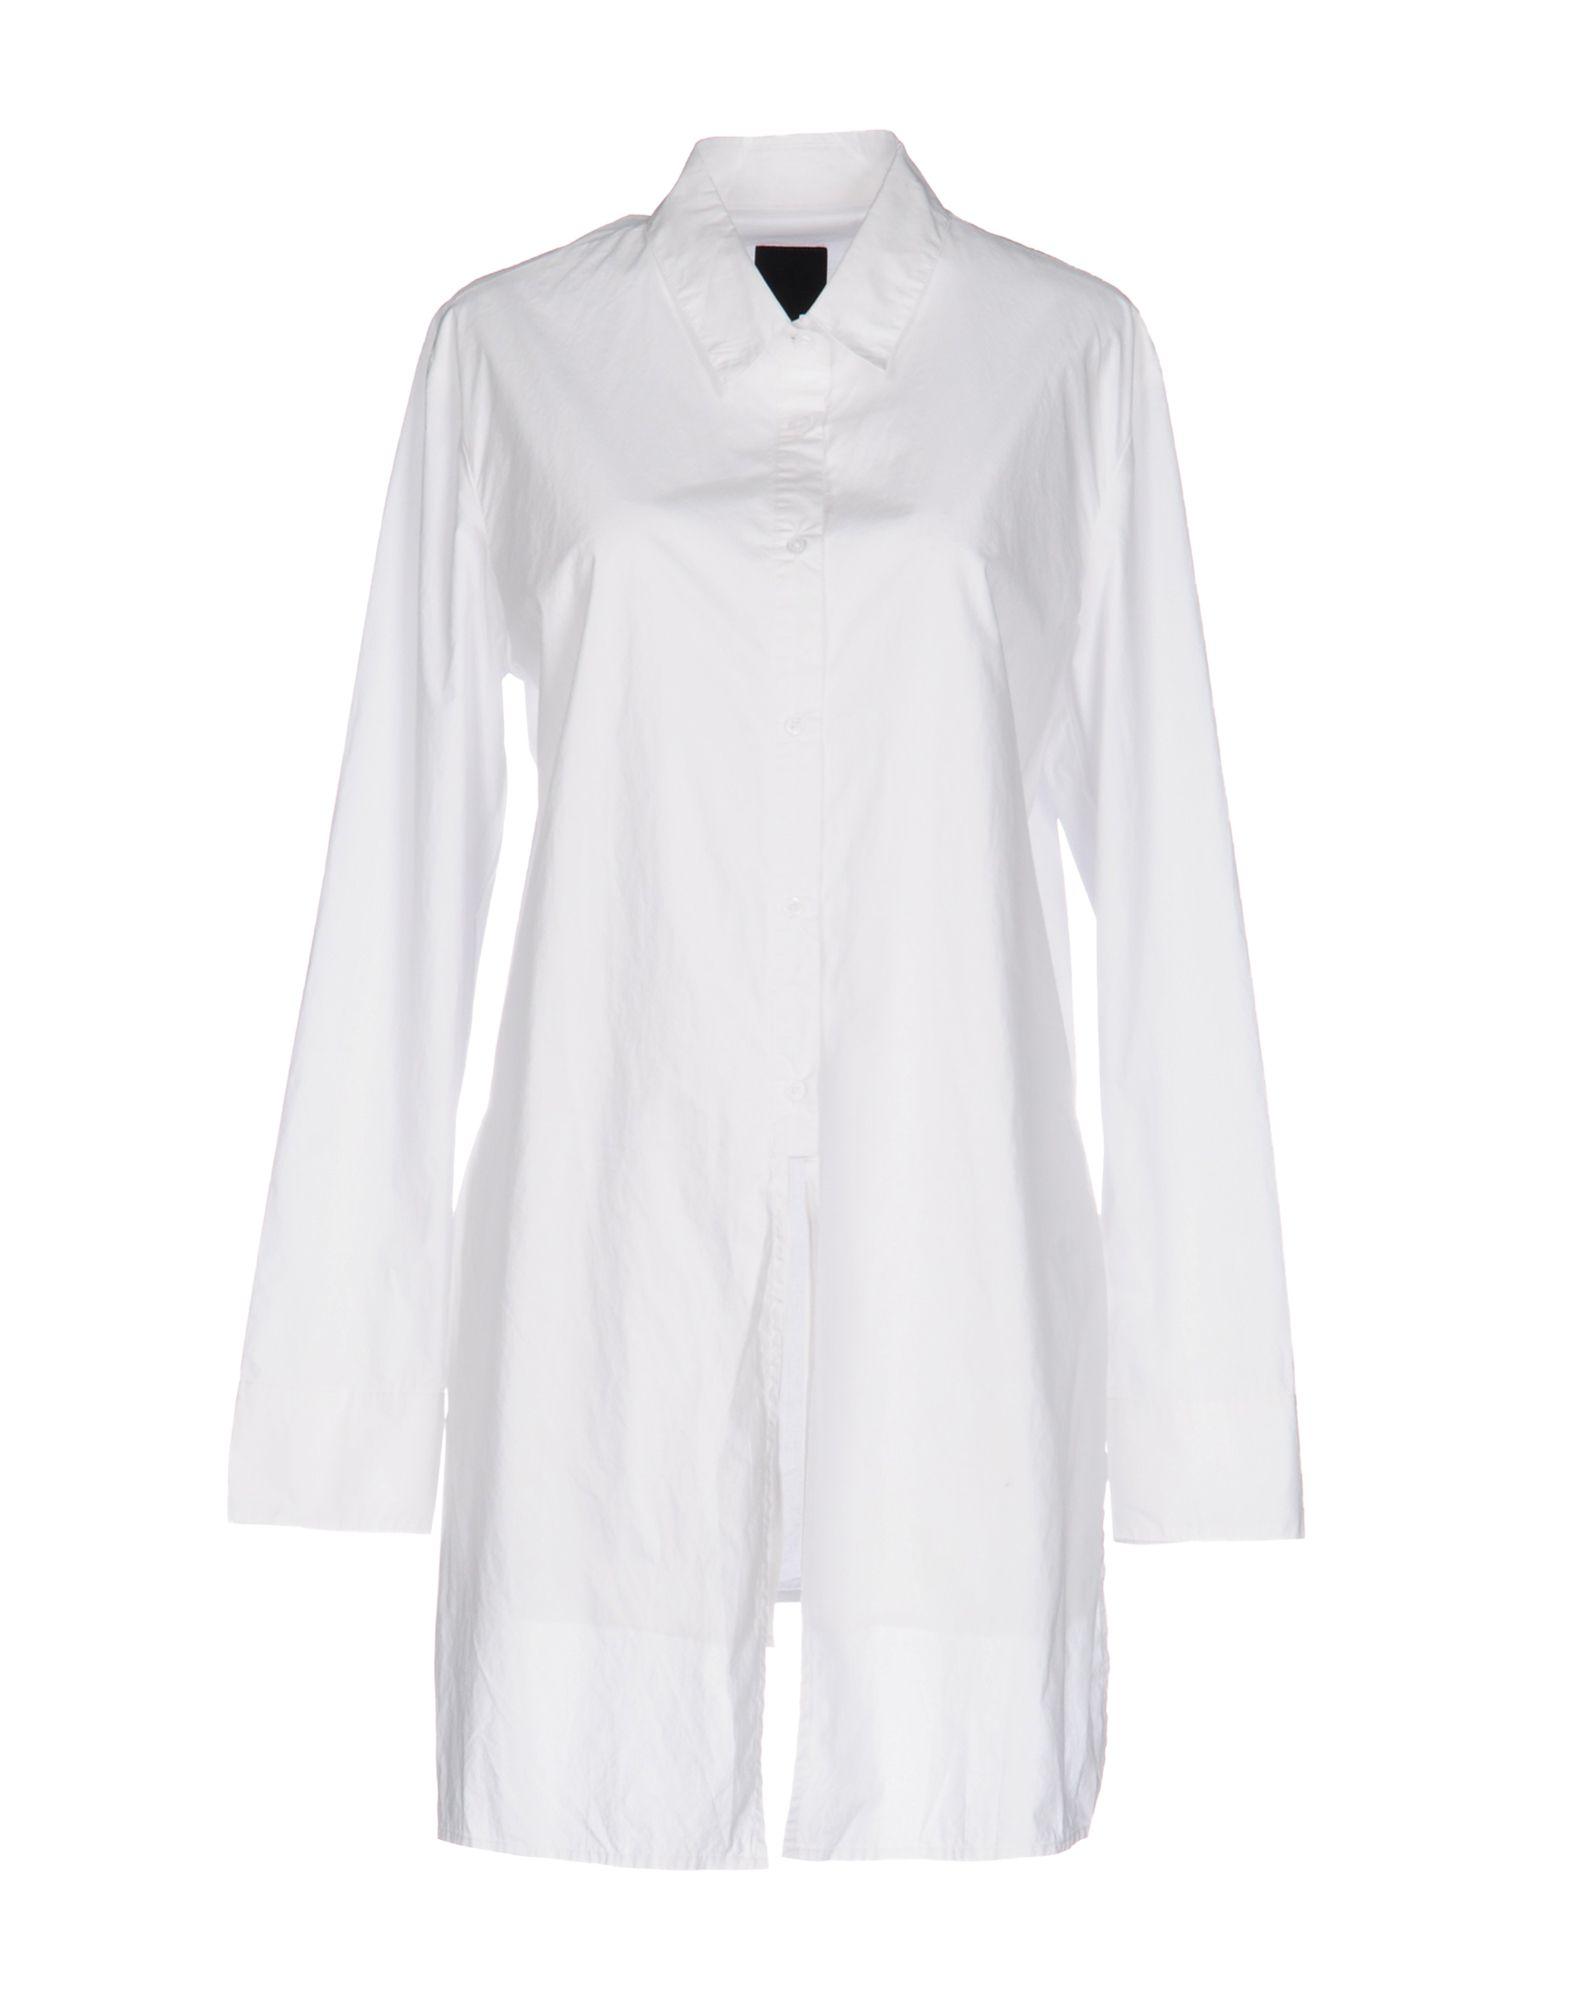 RTA Damen Hemd Farbe Weiß Größe 4 jetztbilligerkaufen